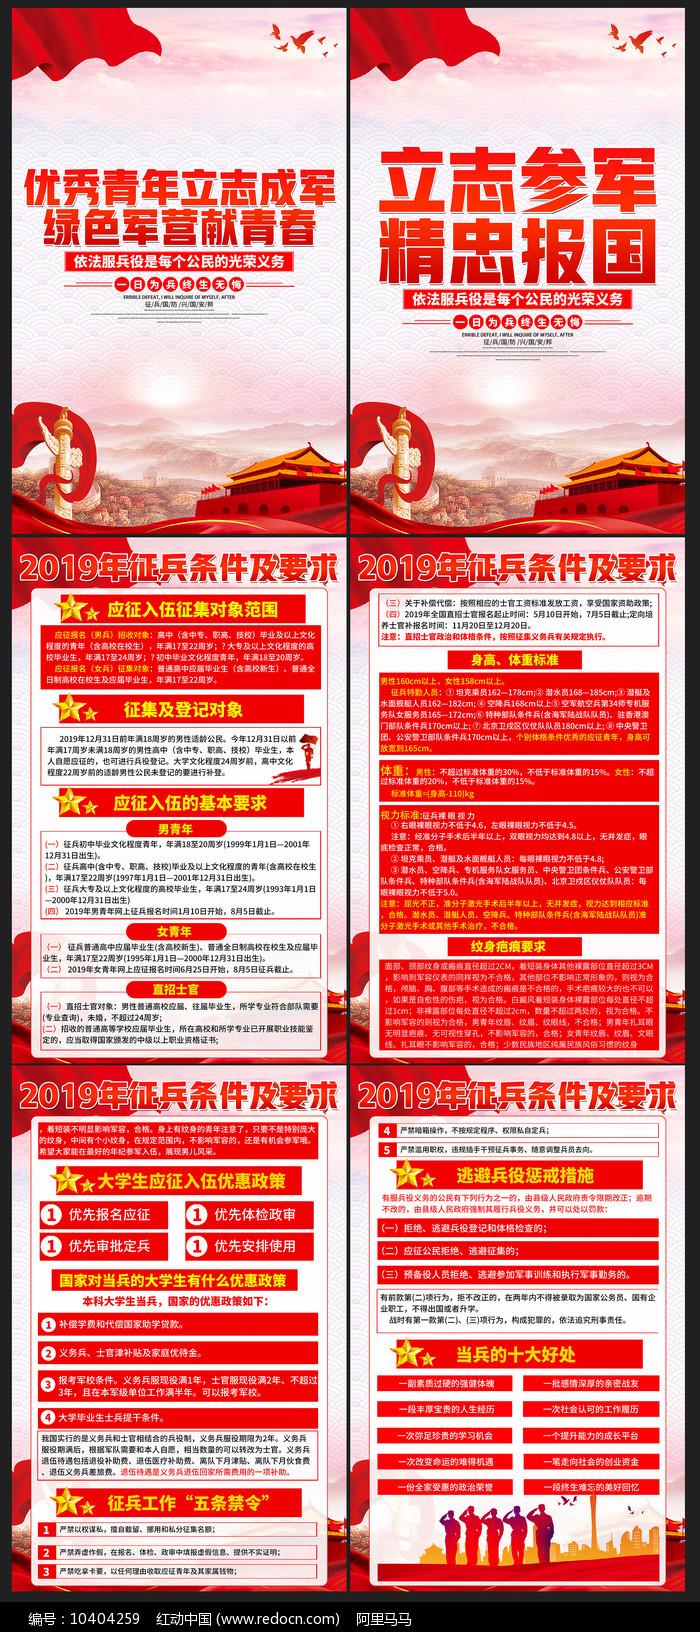 2019年参军征兵宣传展板图片